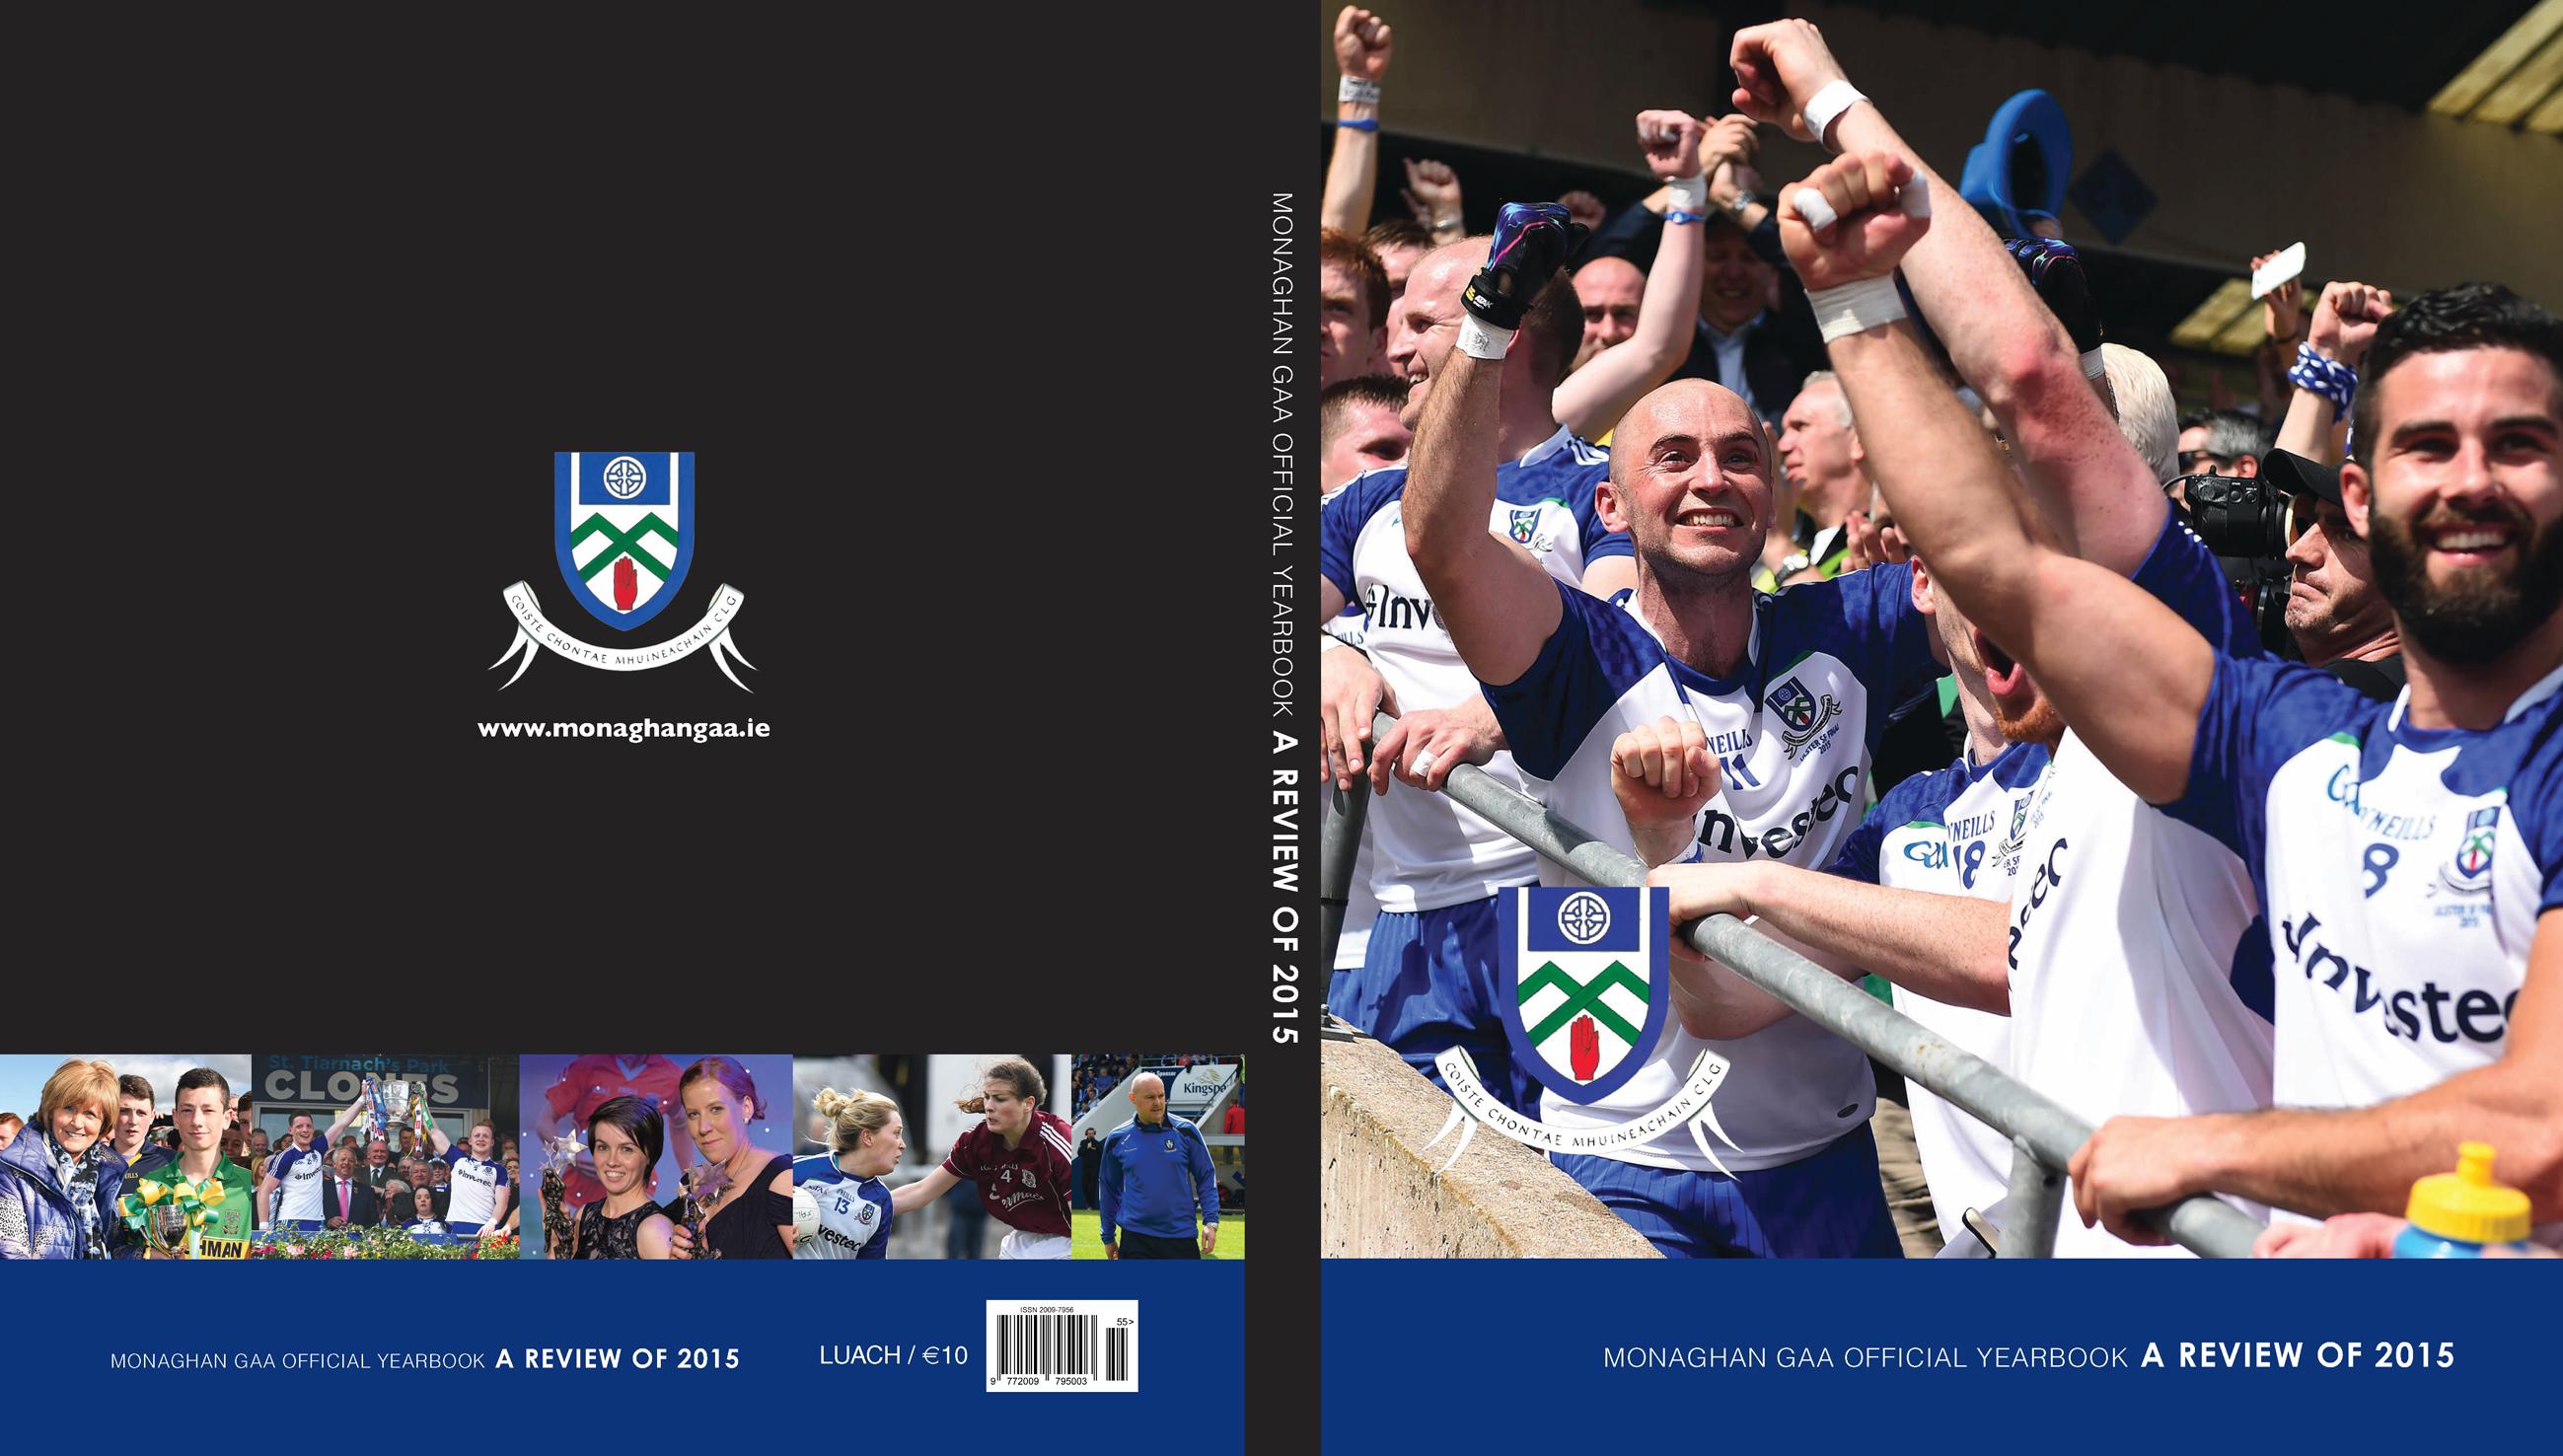 Monaghan GAA Yearbook 2015